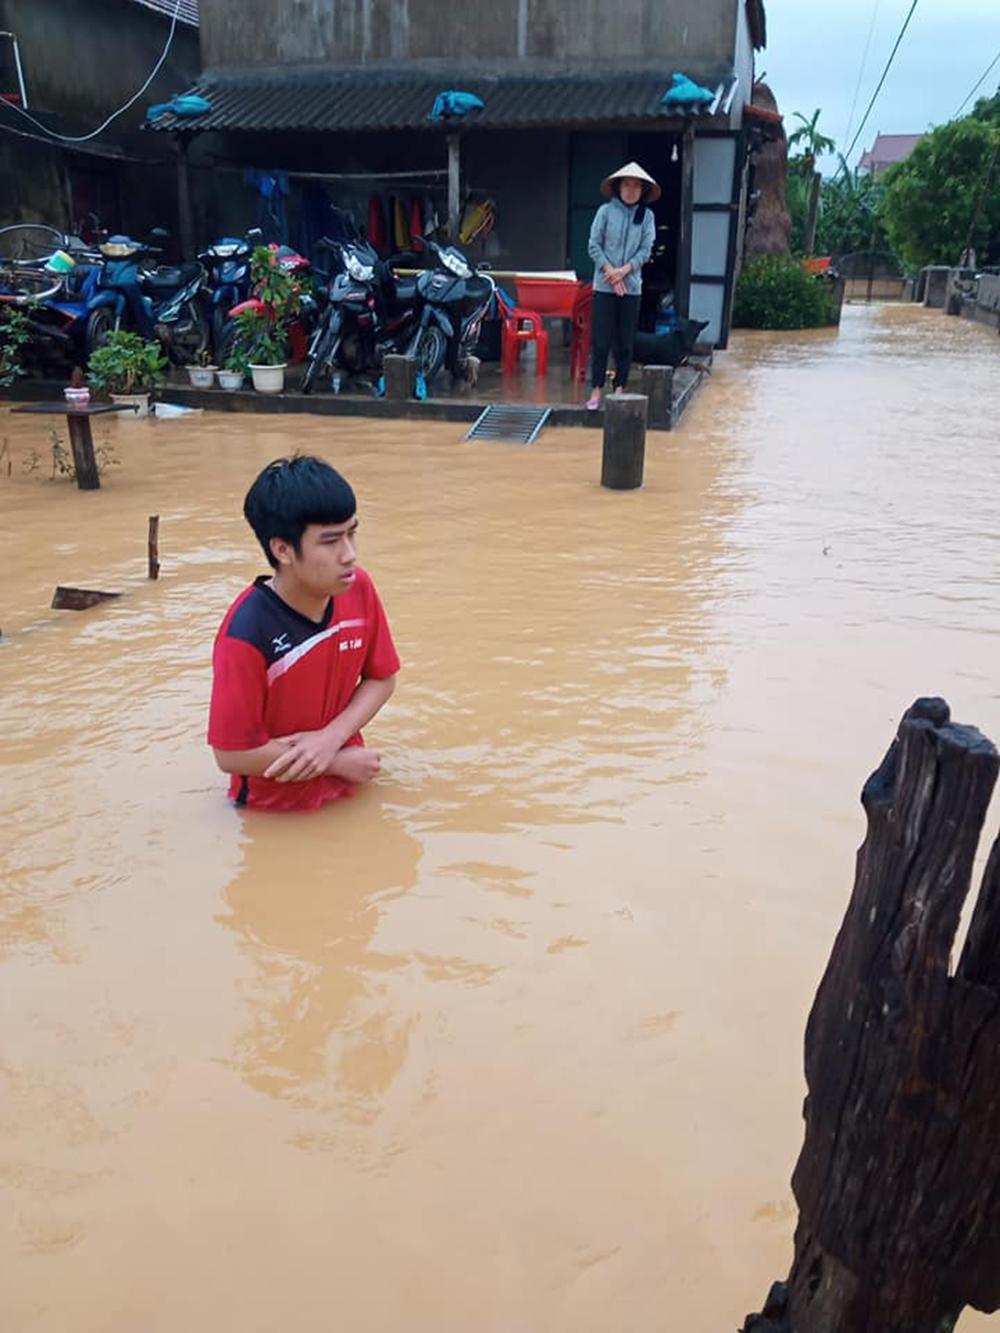 Thuê thuyền vào vùng ngập sâu cứu trợ người dân, đoàn thiện nguyện bức xúc khi gặp phải nhà thuyền hét giá 6 triệu/chuyến 2